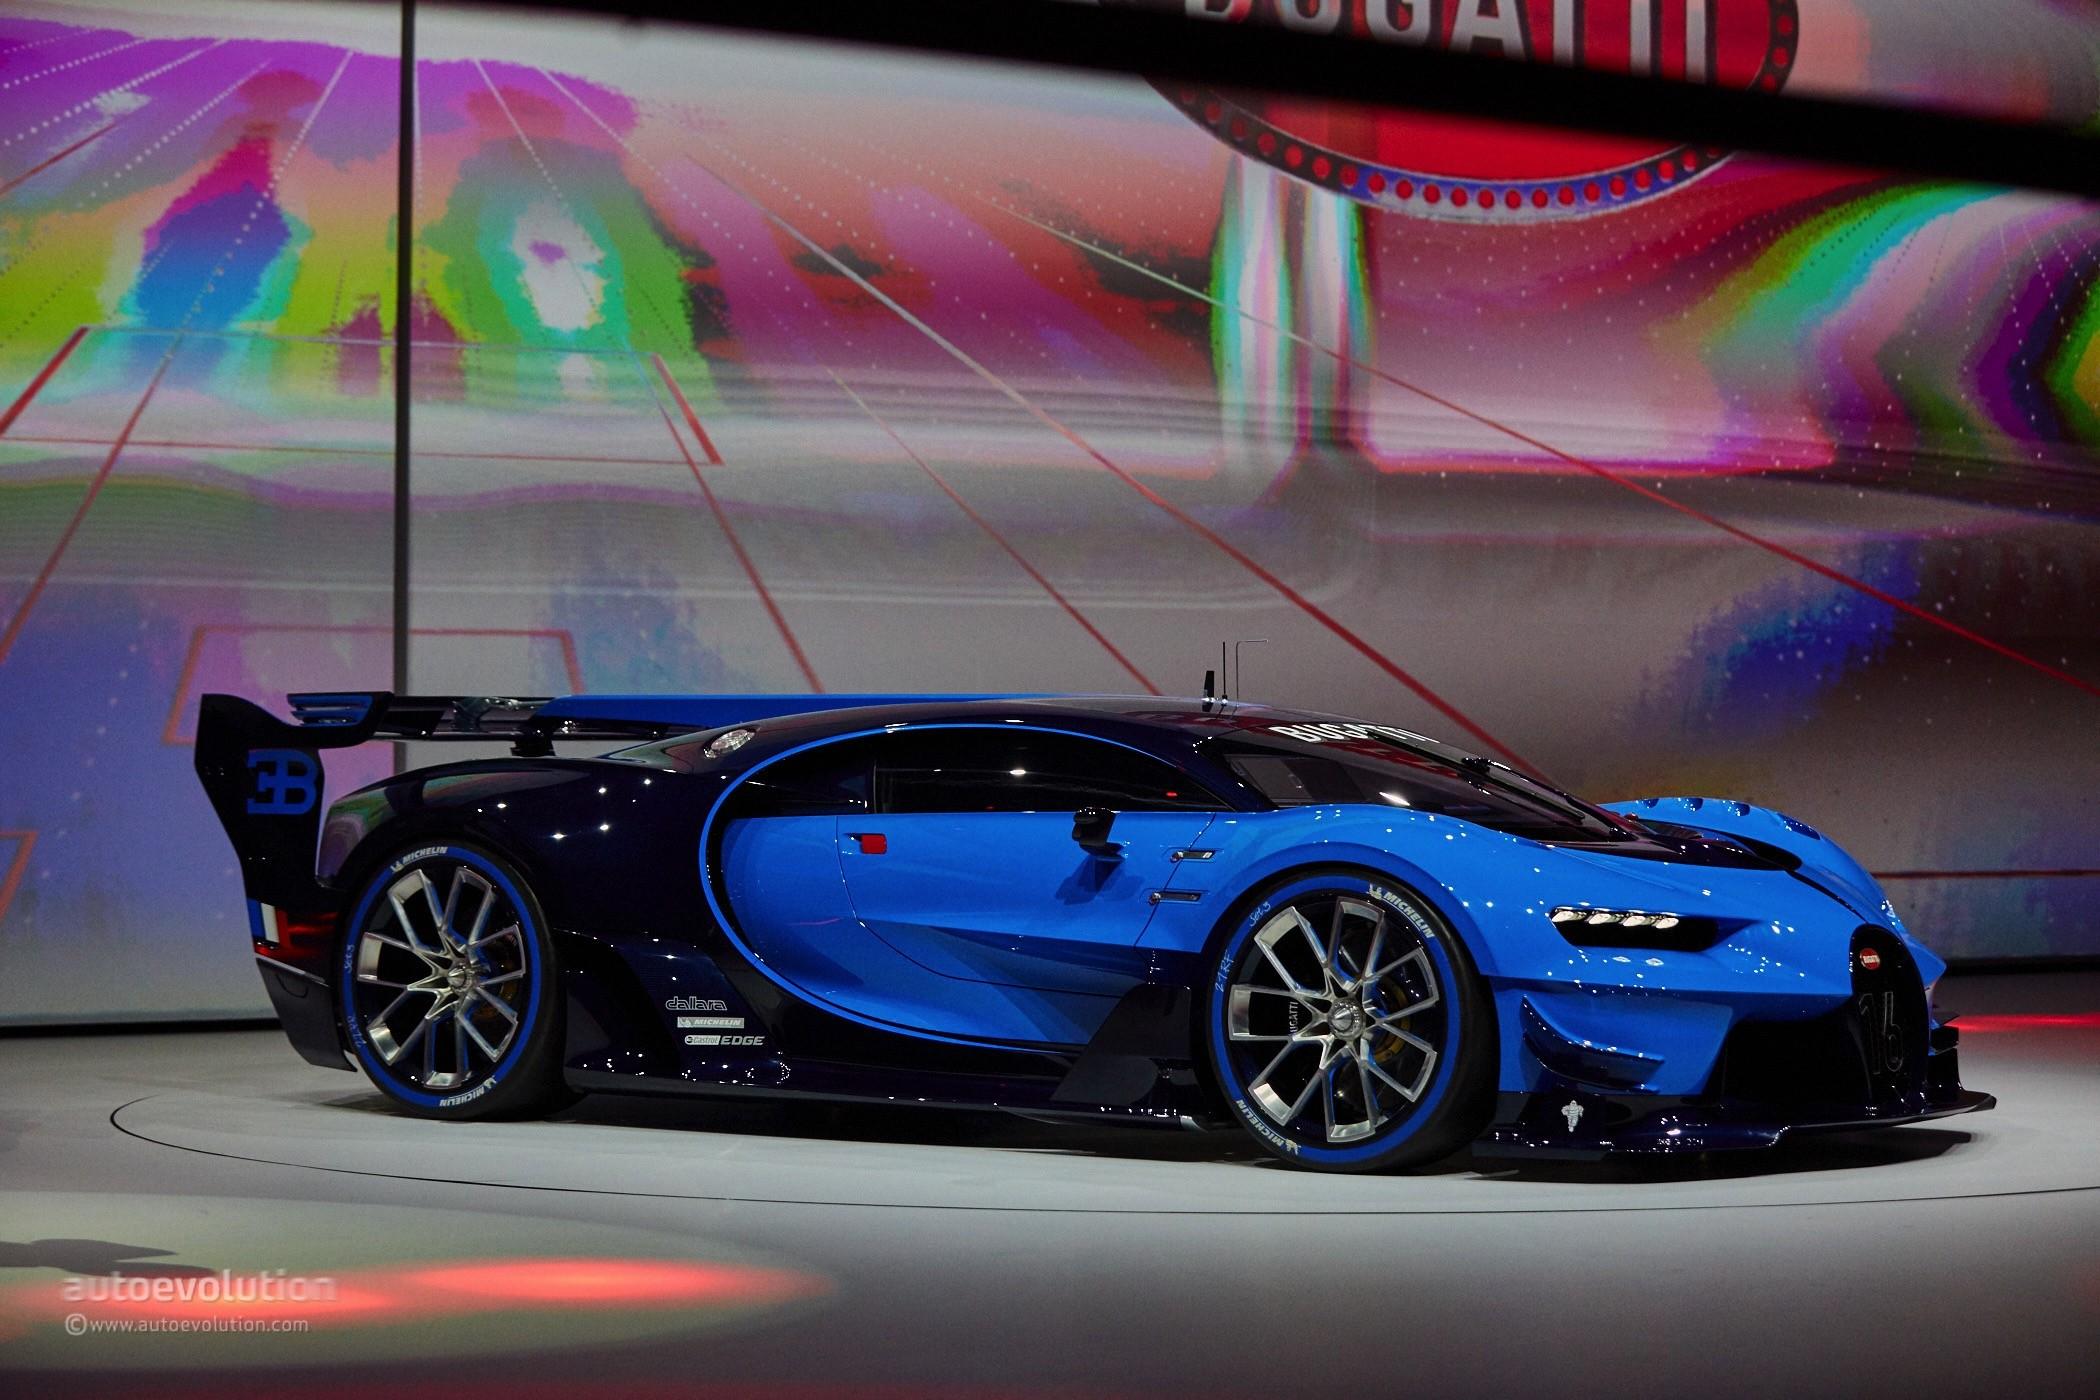 Bugatti Hypercar And Wolfsburg Football Club Affected By